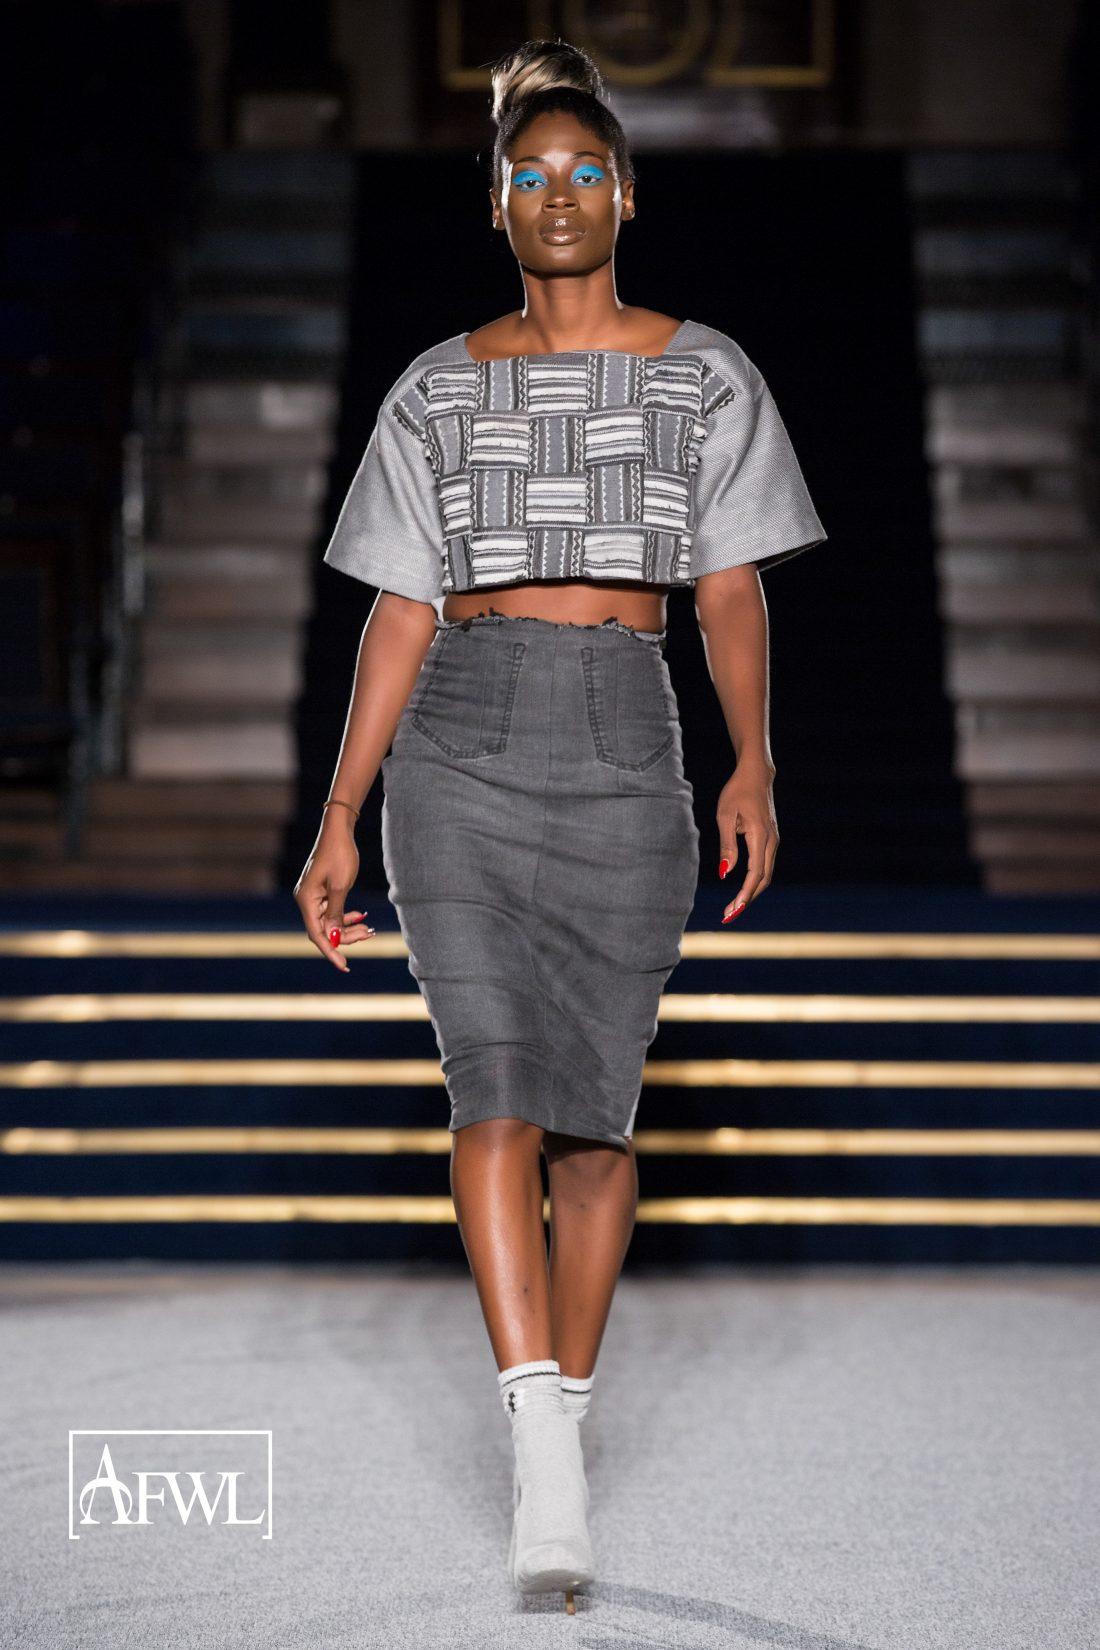 Africa Fashion Week London 2017 In Pictures Melan Magazine